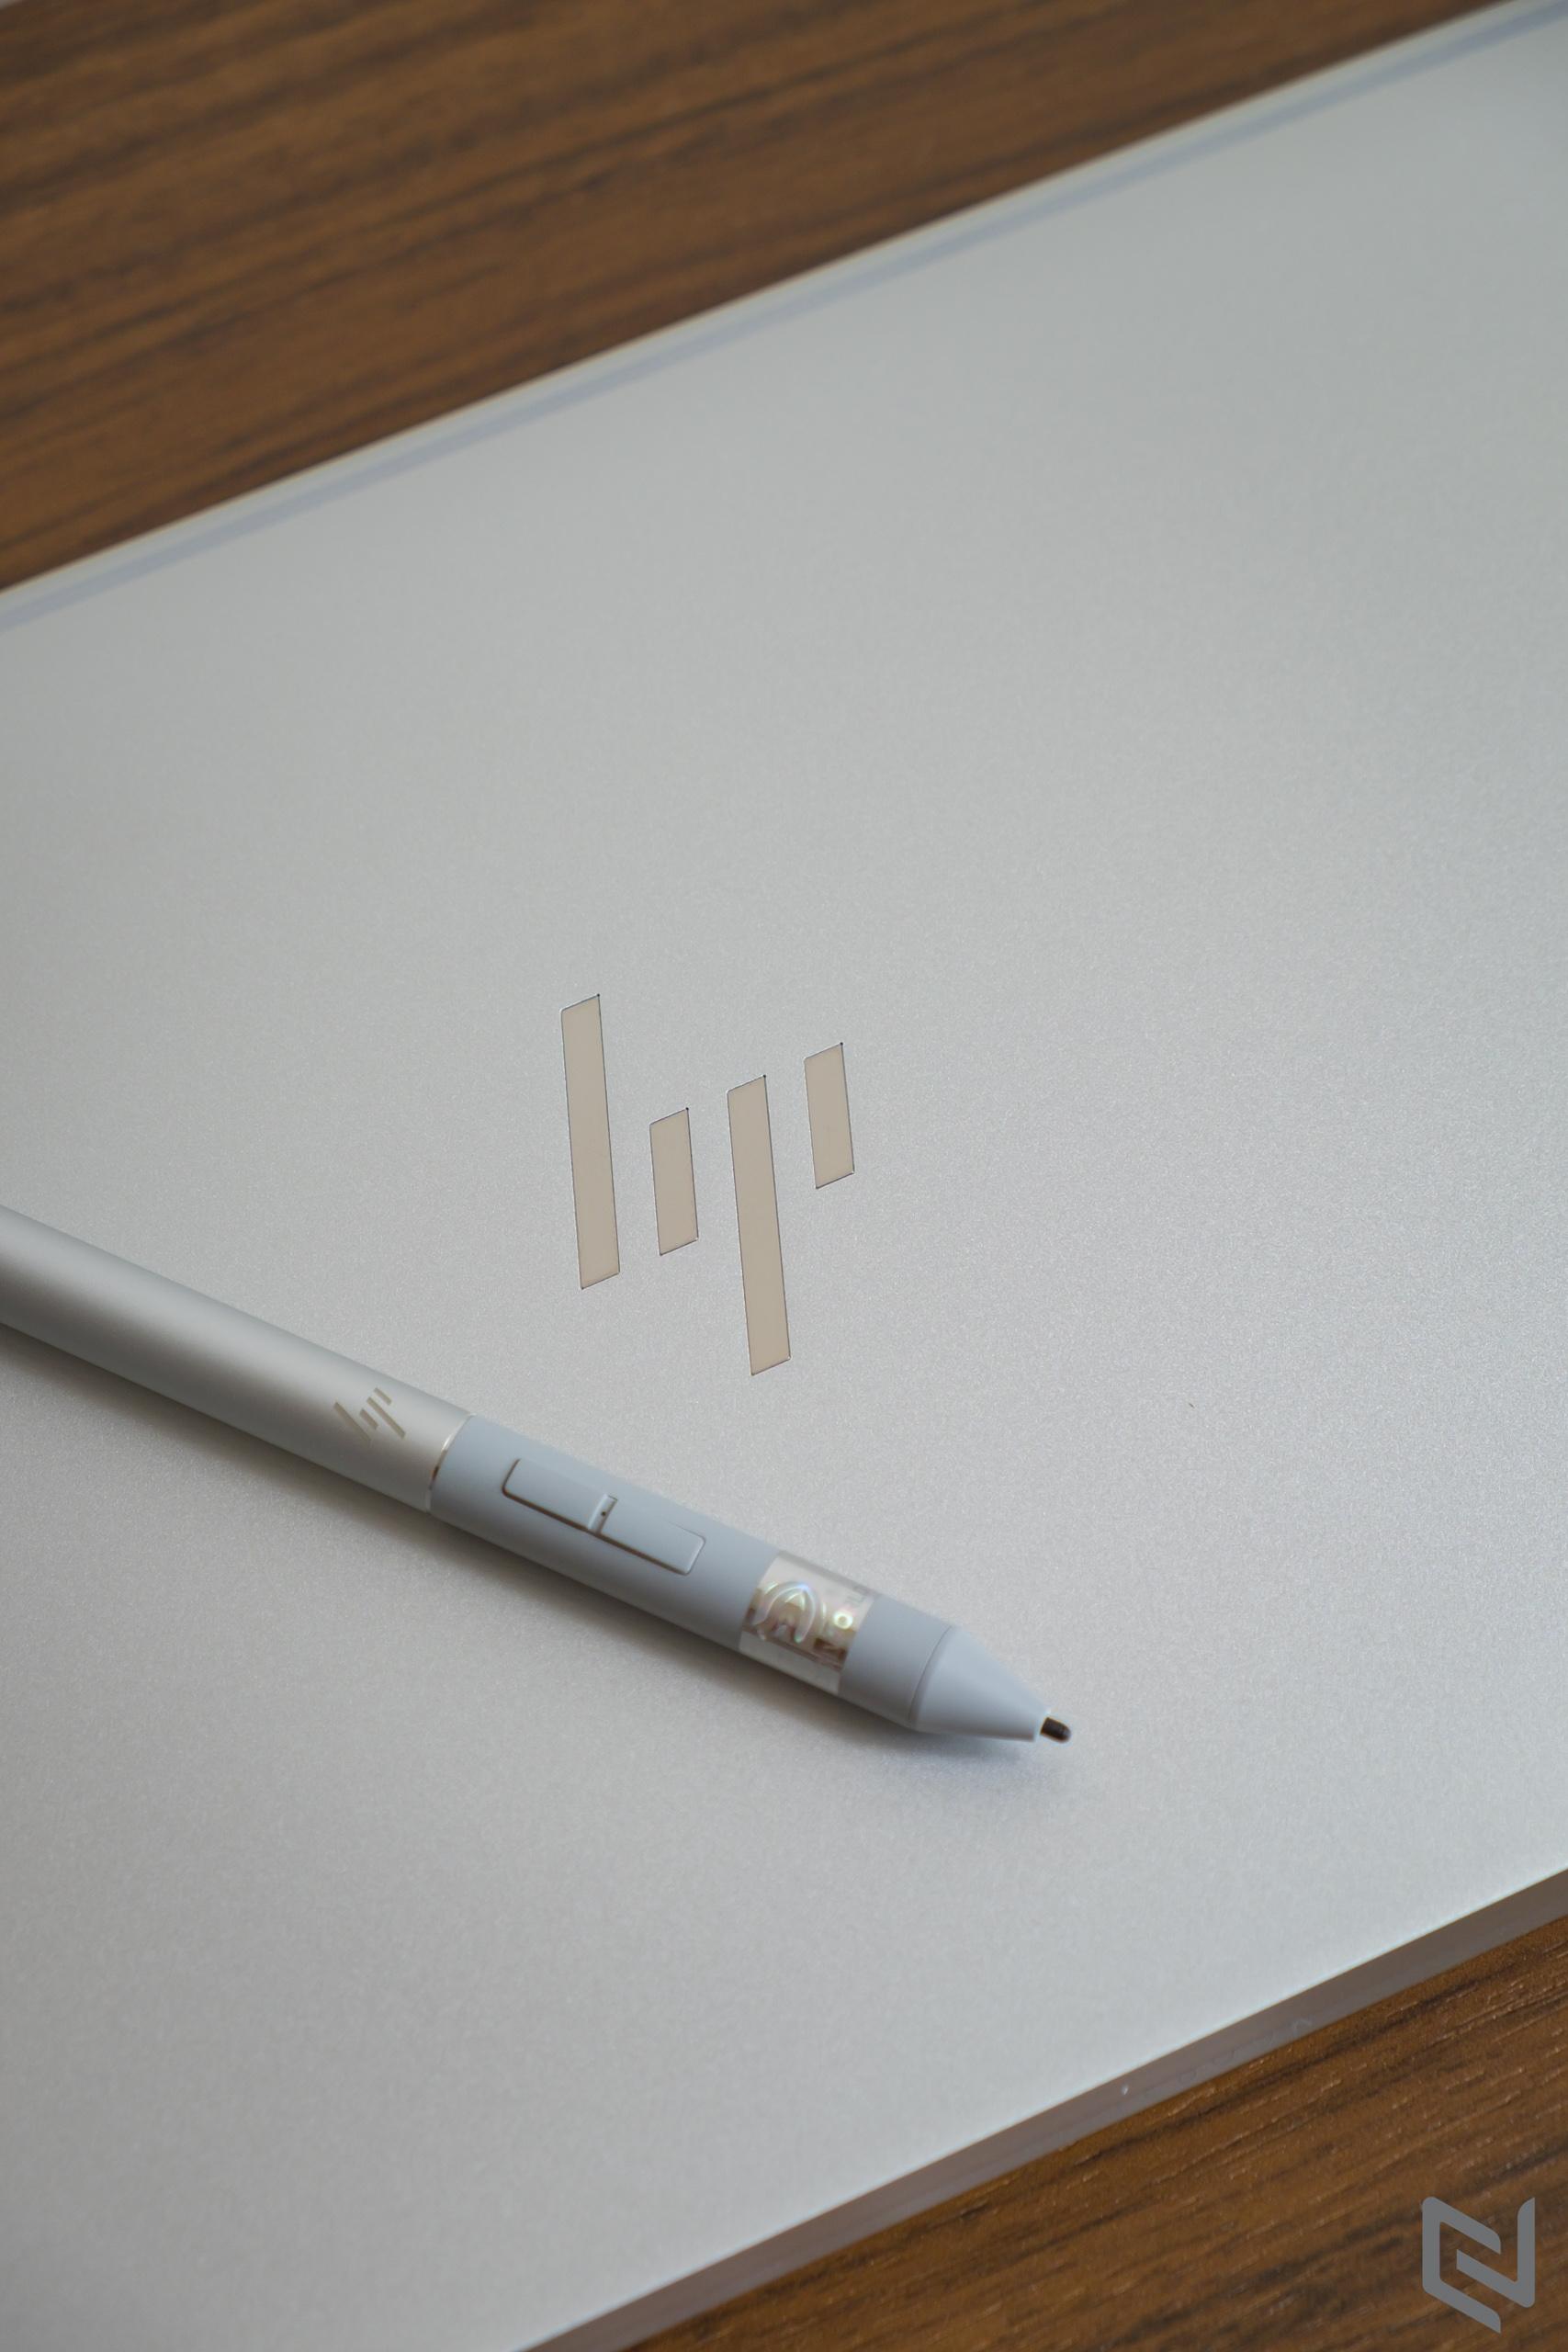 Đánh giá laptop HP EliteBook x360 1030 G8: Thiết kế cao cấp, siêu gọn nhẹ và bảo mật cùng hiệu năng mạnh mẽ